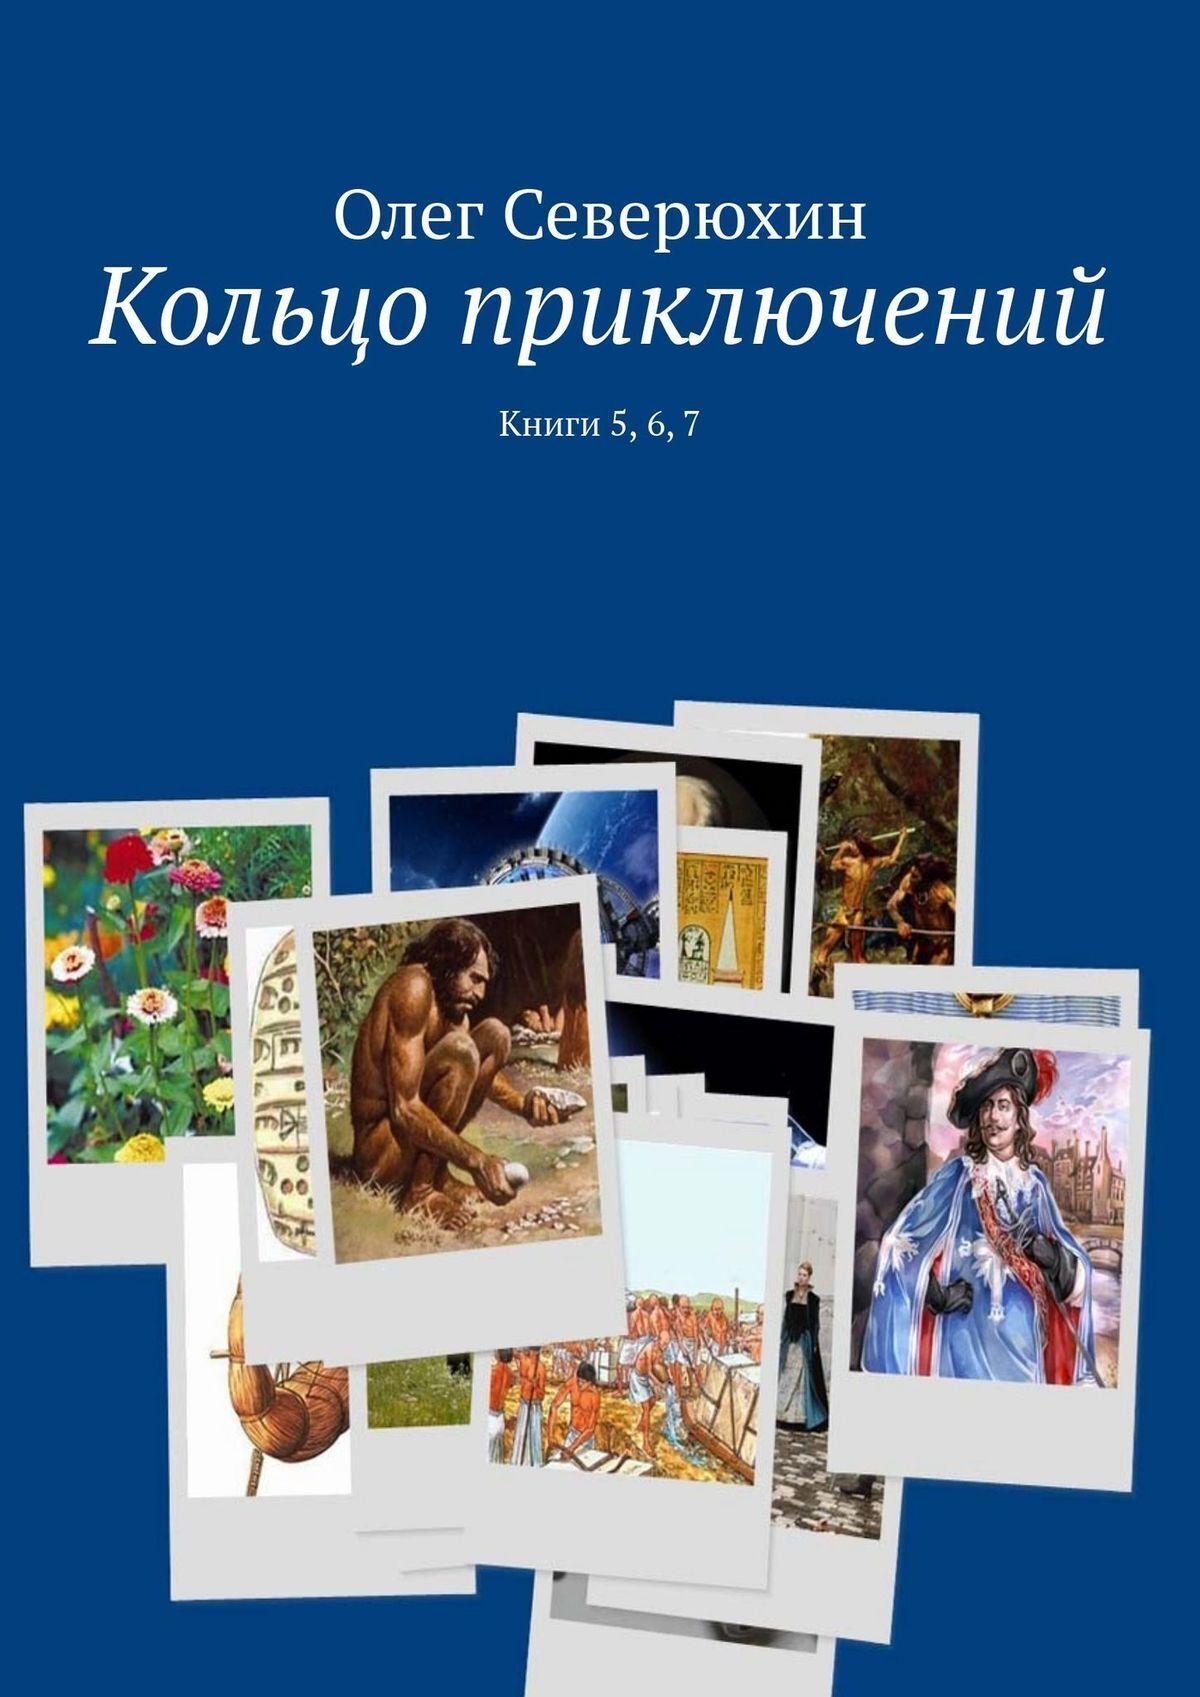 Олег Васильевич Северюхин Кольцо приключений. Книги 5, 6,7 цена